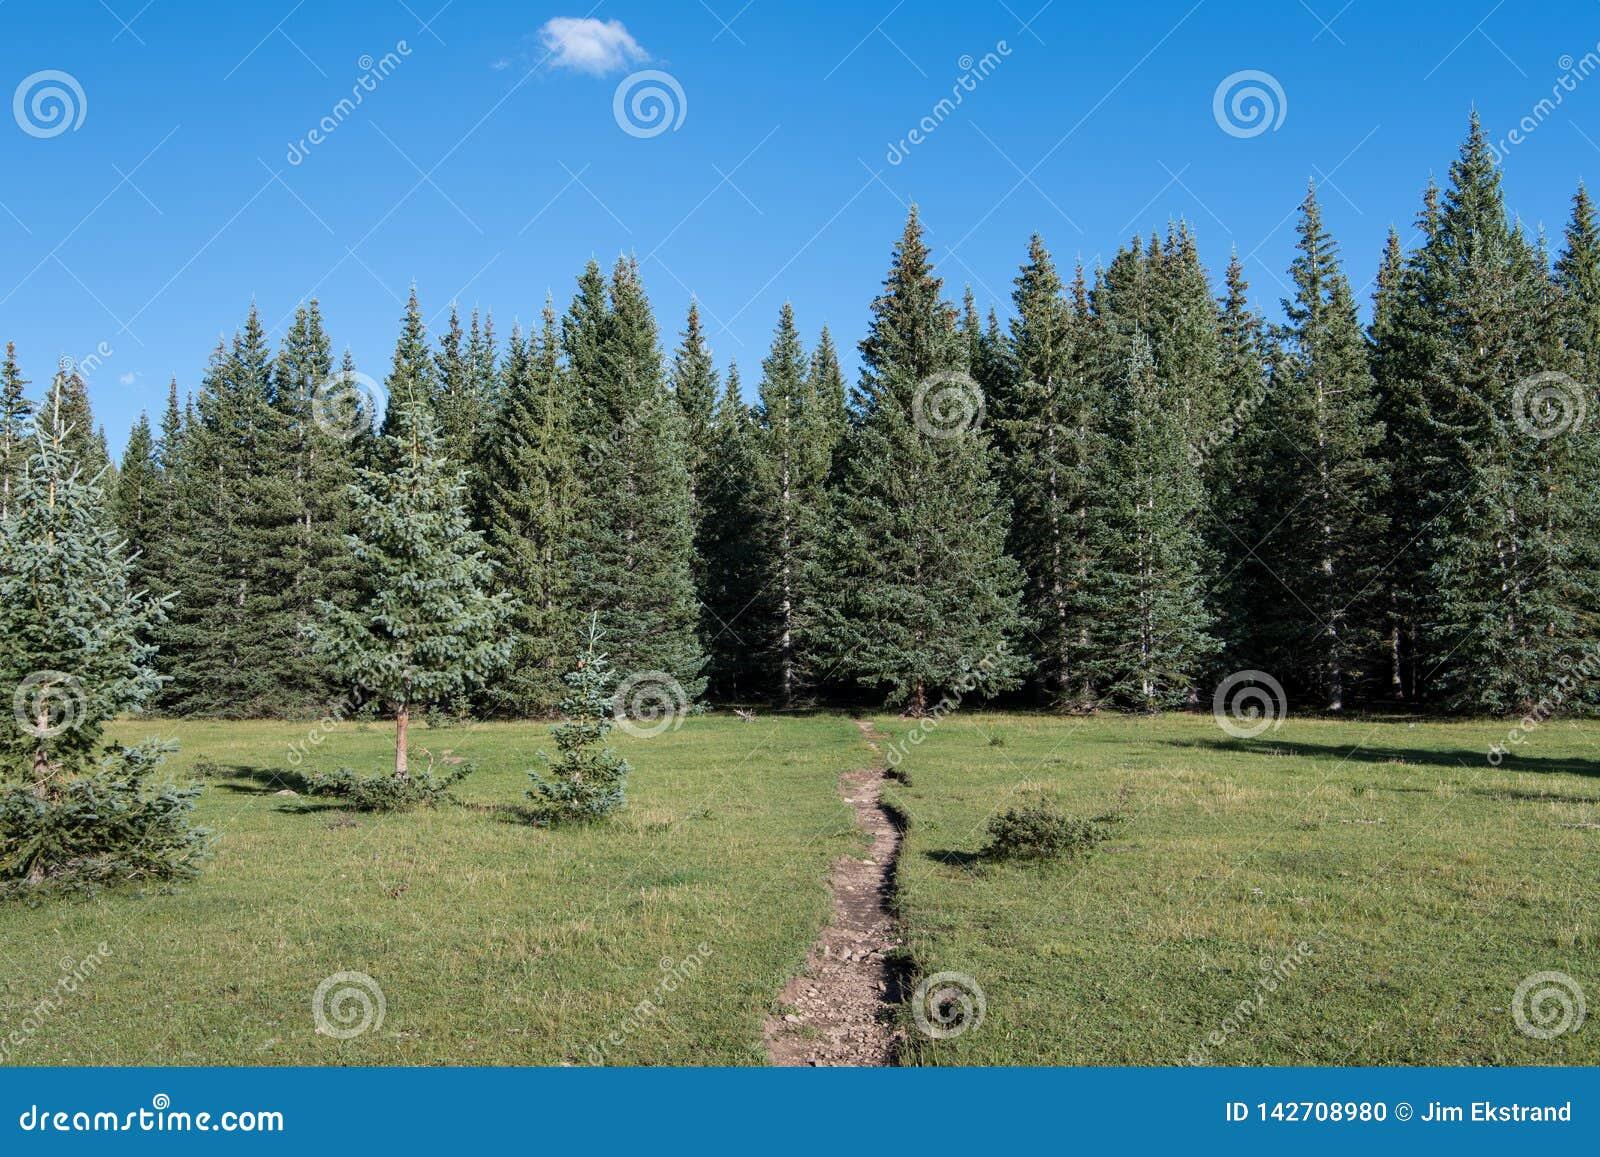 Ίχνος πεζοπορίας που διασχίζει ένα όμορφο αλπικό λιβάδι προς ένα δάσος των δέντρων ερυθρελατών και έλατου κάτω από έναν μπλε ουρα